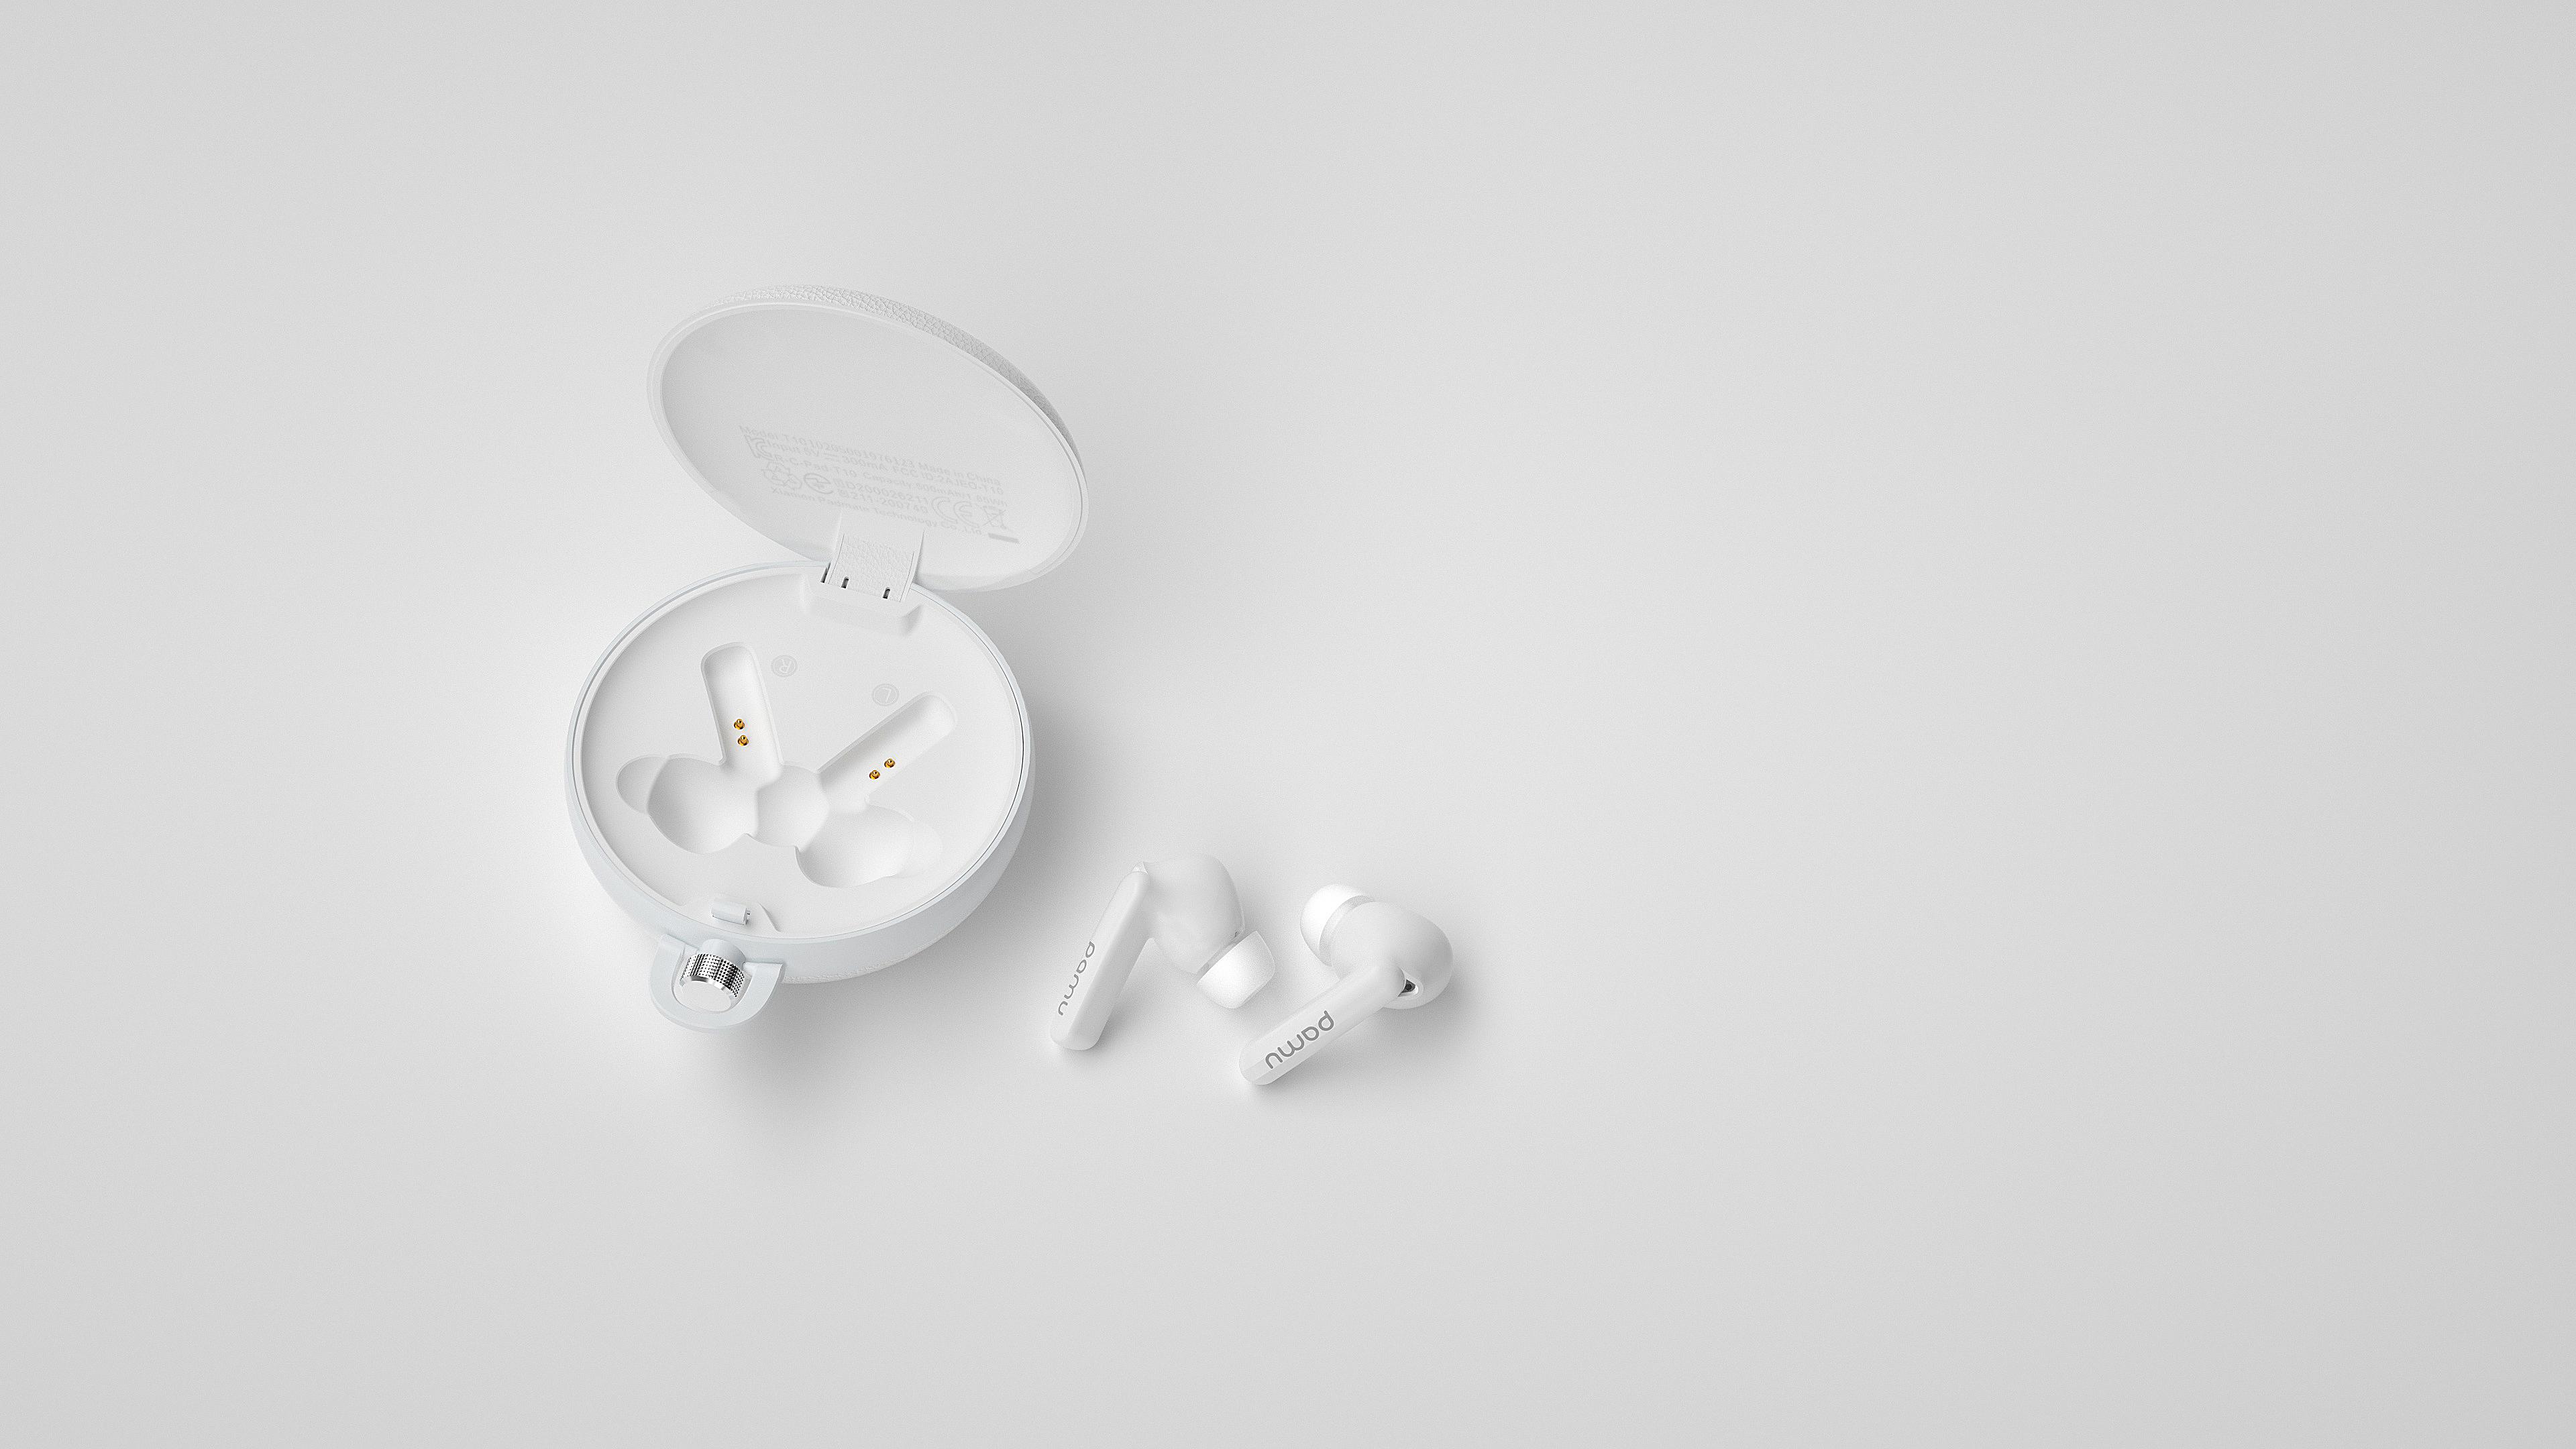 时尚轻奢!降噪派PaMu Quiet 蓝牙耳机白色款新品上市